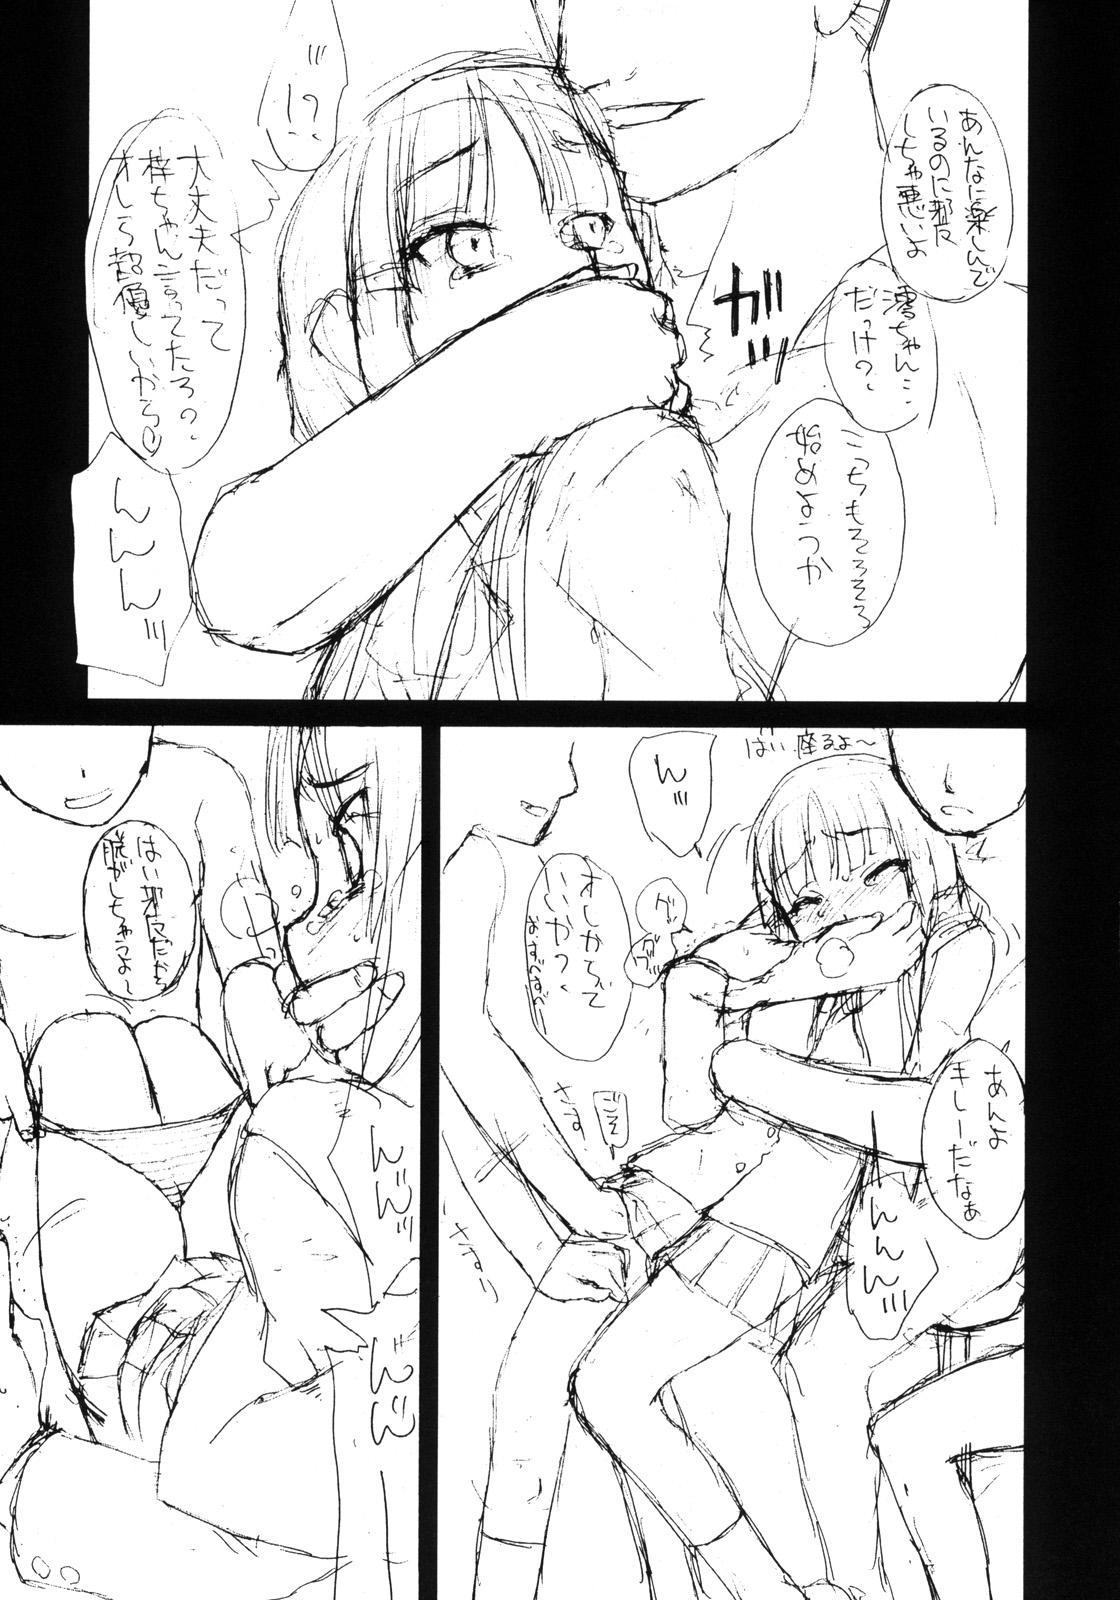 Mio no Onaka ni Dopyu Dopyu Shite Seieki Zuke ni Suru Hon 9